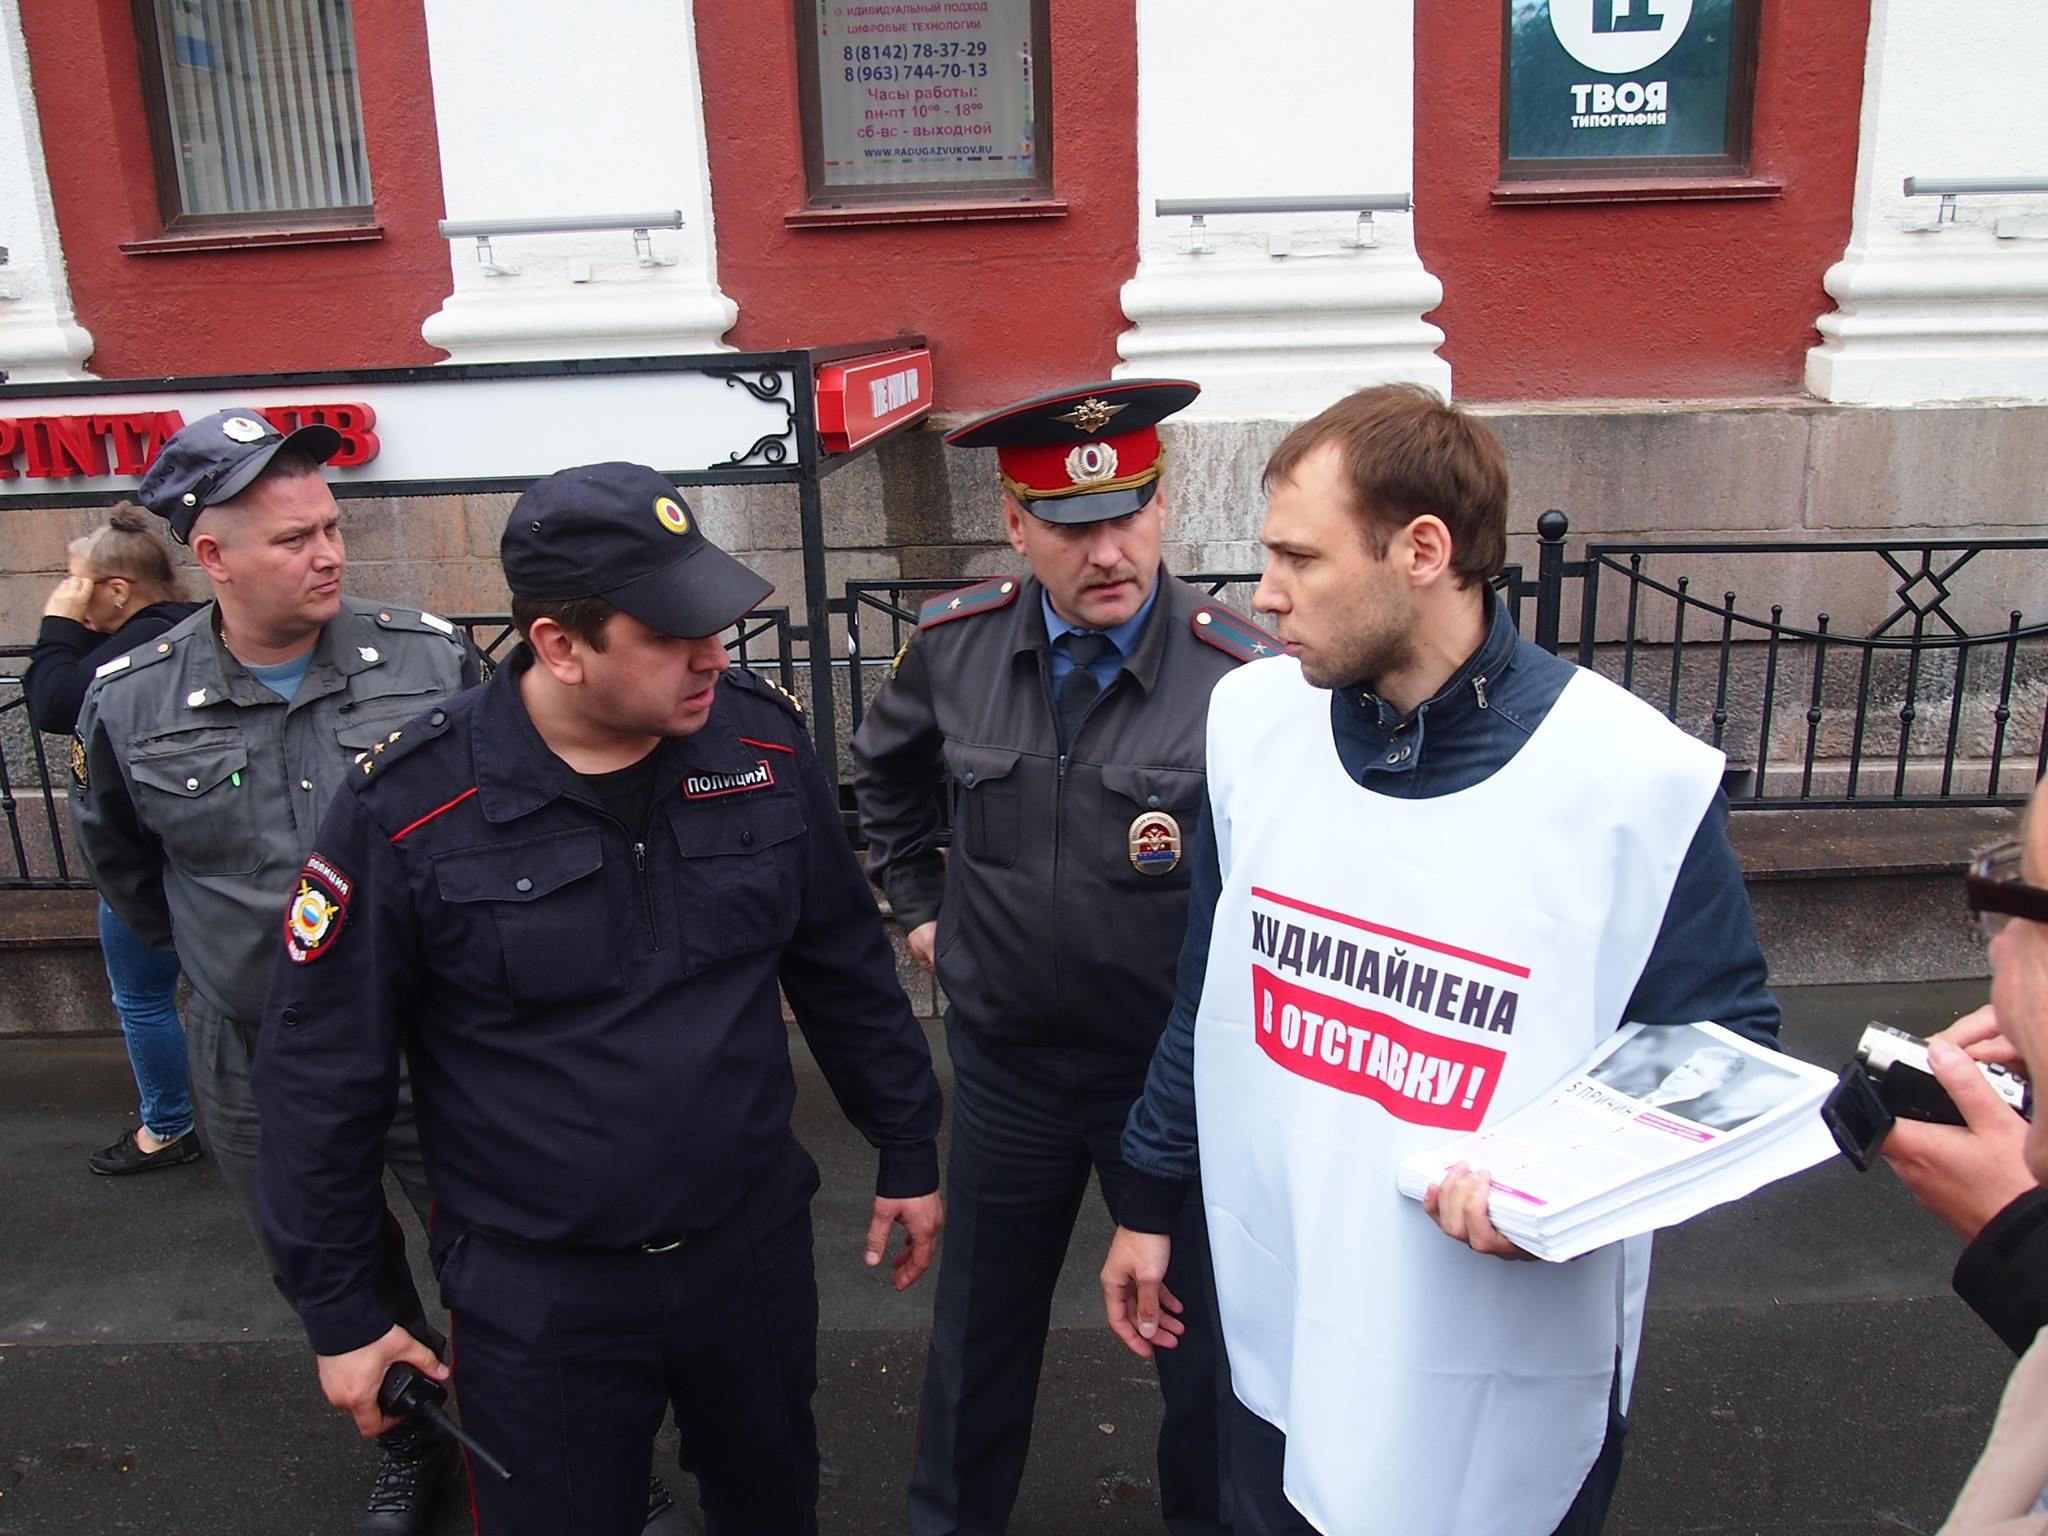 Задержание активистов Общественного комитета за отставку Худилайнена во время визита в Петрозаводск российского премьер-министра. Фото: Валерий Поташов